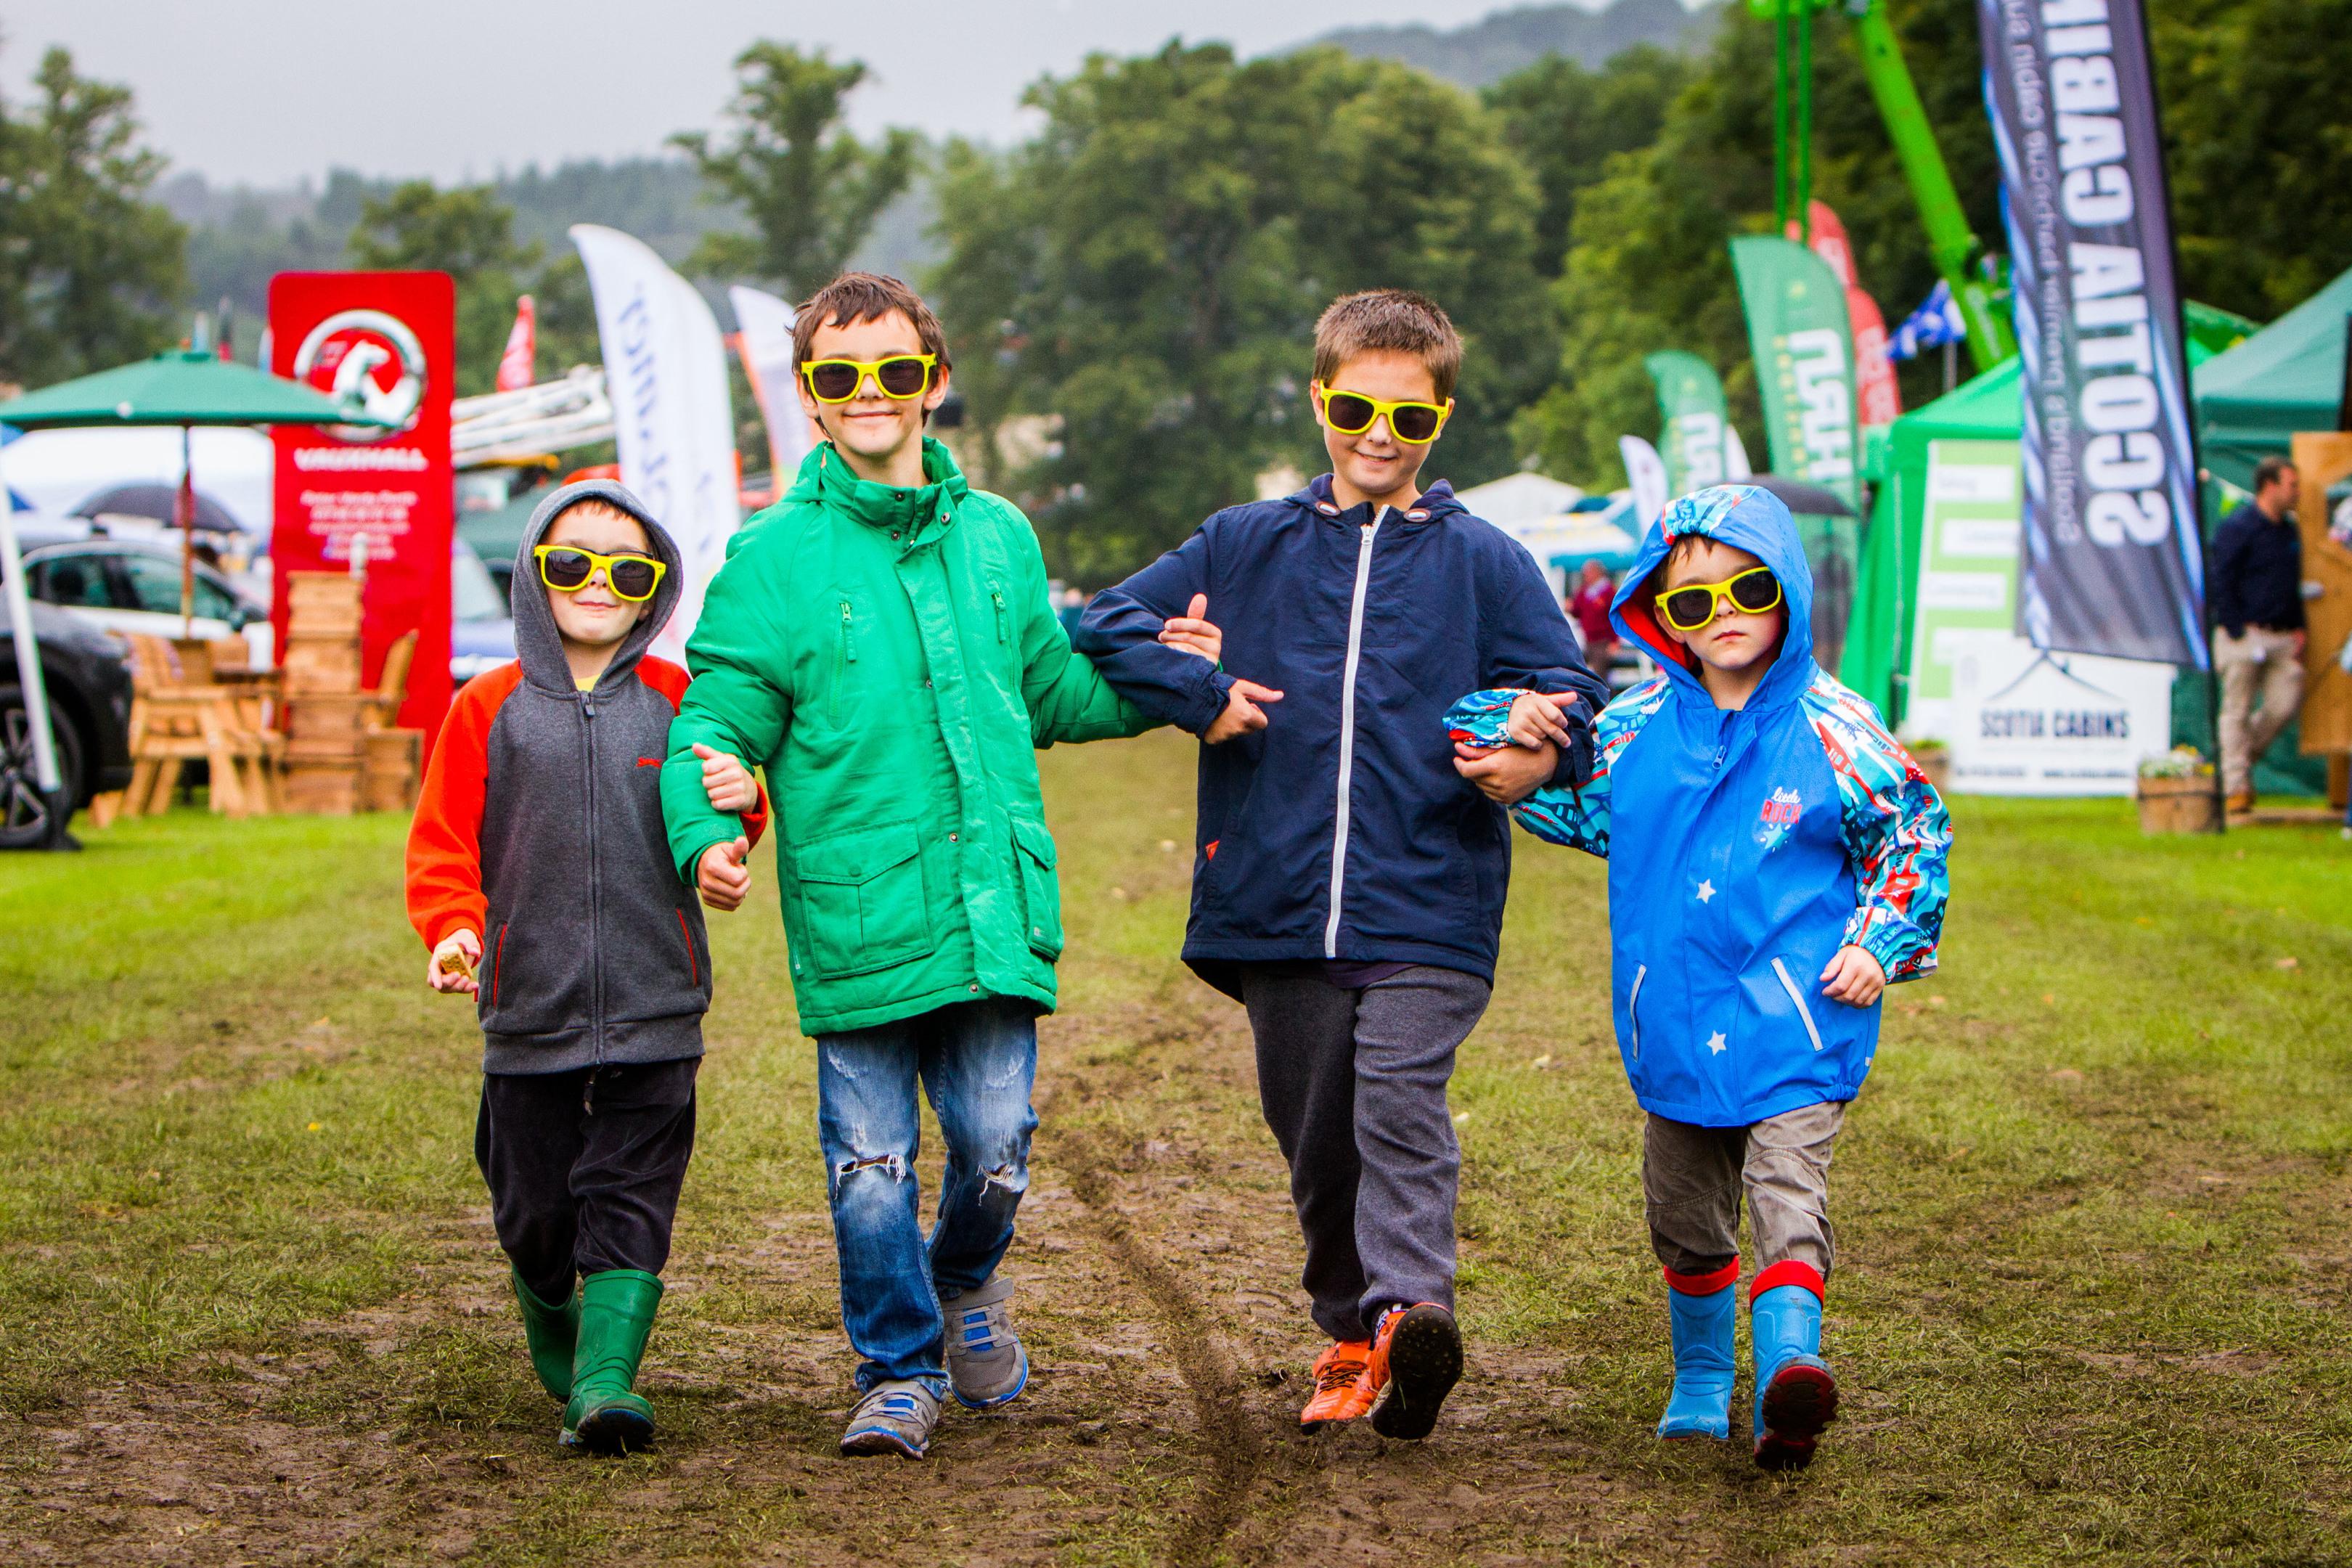 Dilanas Jakstas (aged 5), Patrikas Jakstas (aged 10), Aiden Thompson (aged 13) and Edvardas Jakstas (aged 5) all from Perth.